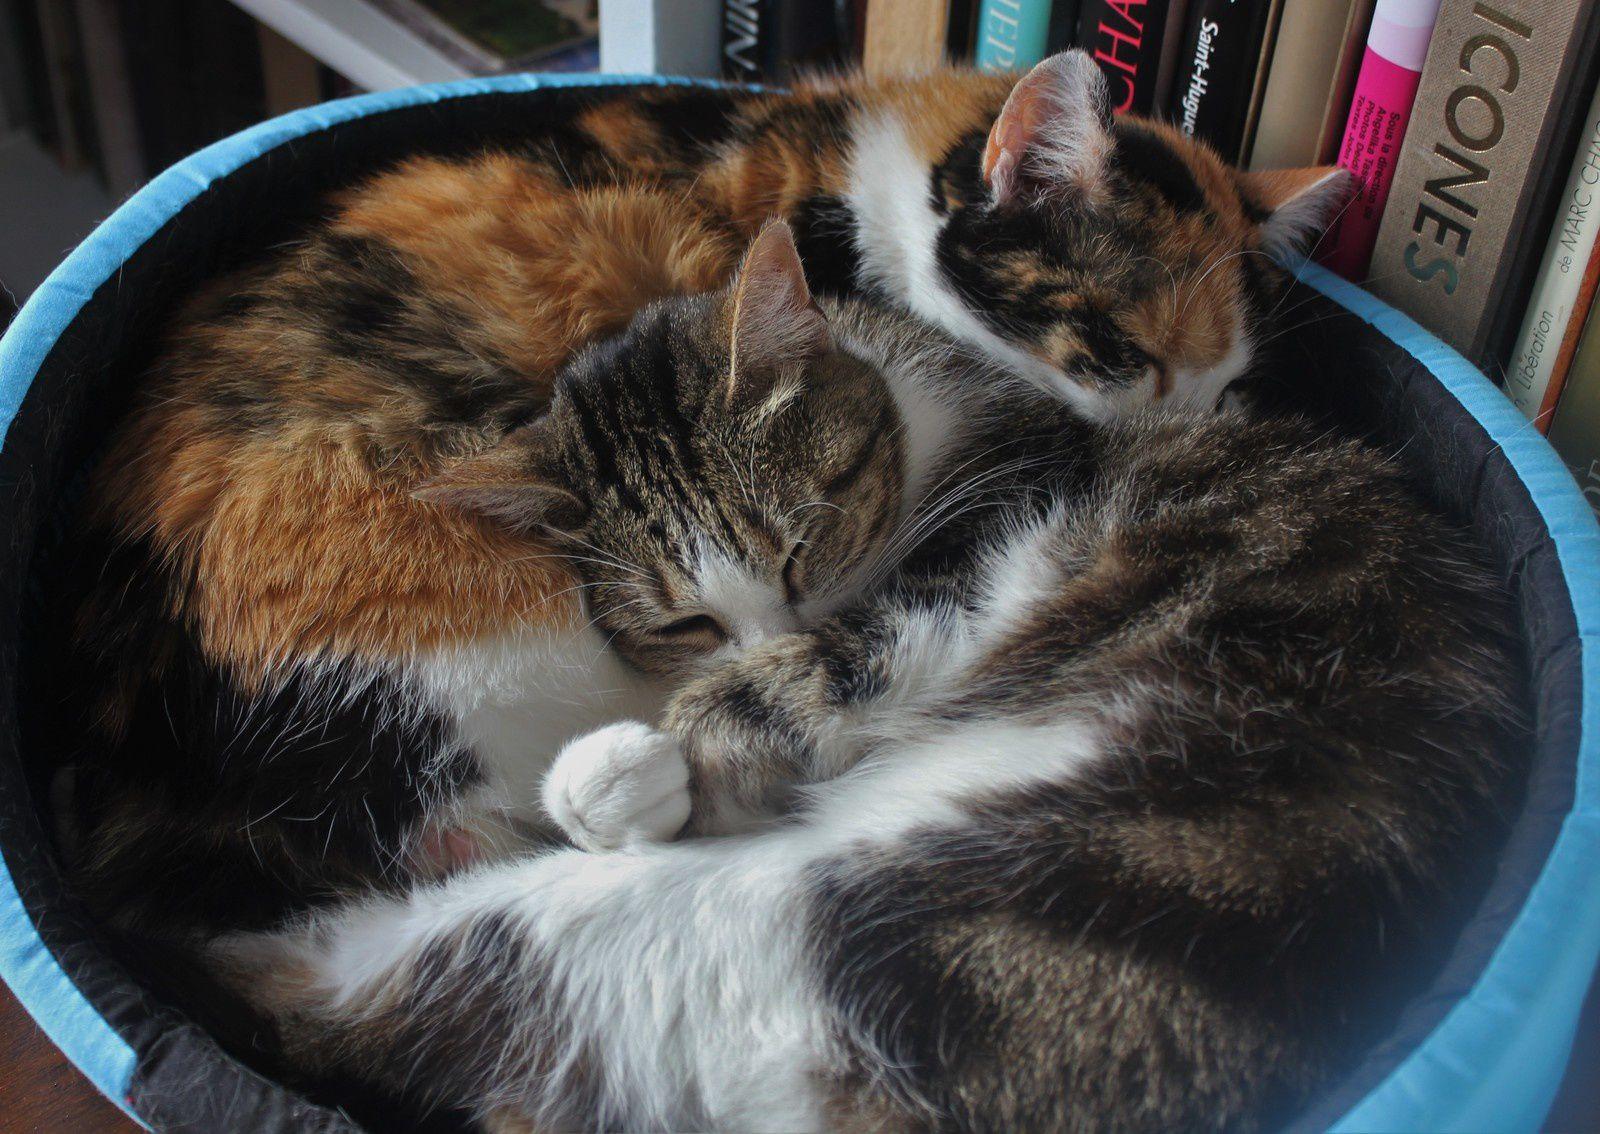 Deux chattes. Amour sans paroles.